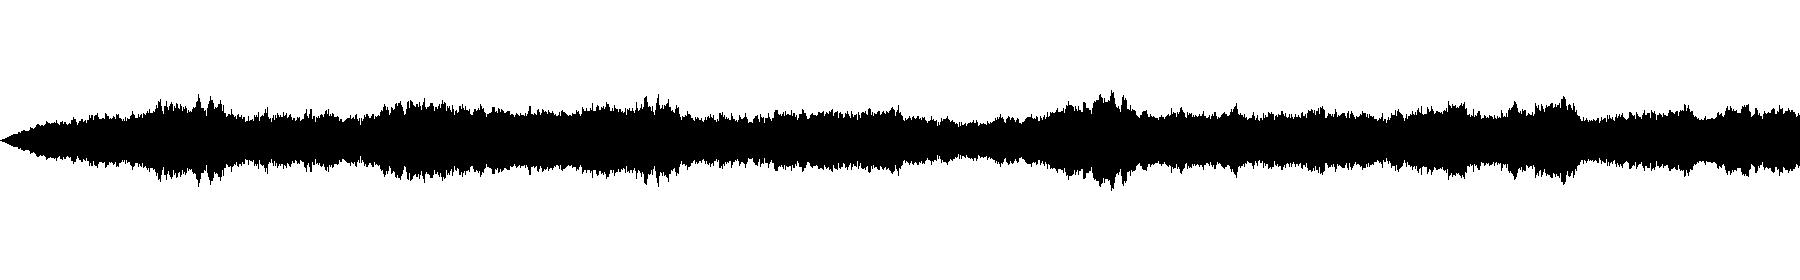 melody 19bpm125keyd